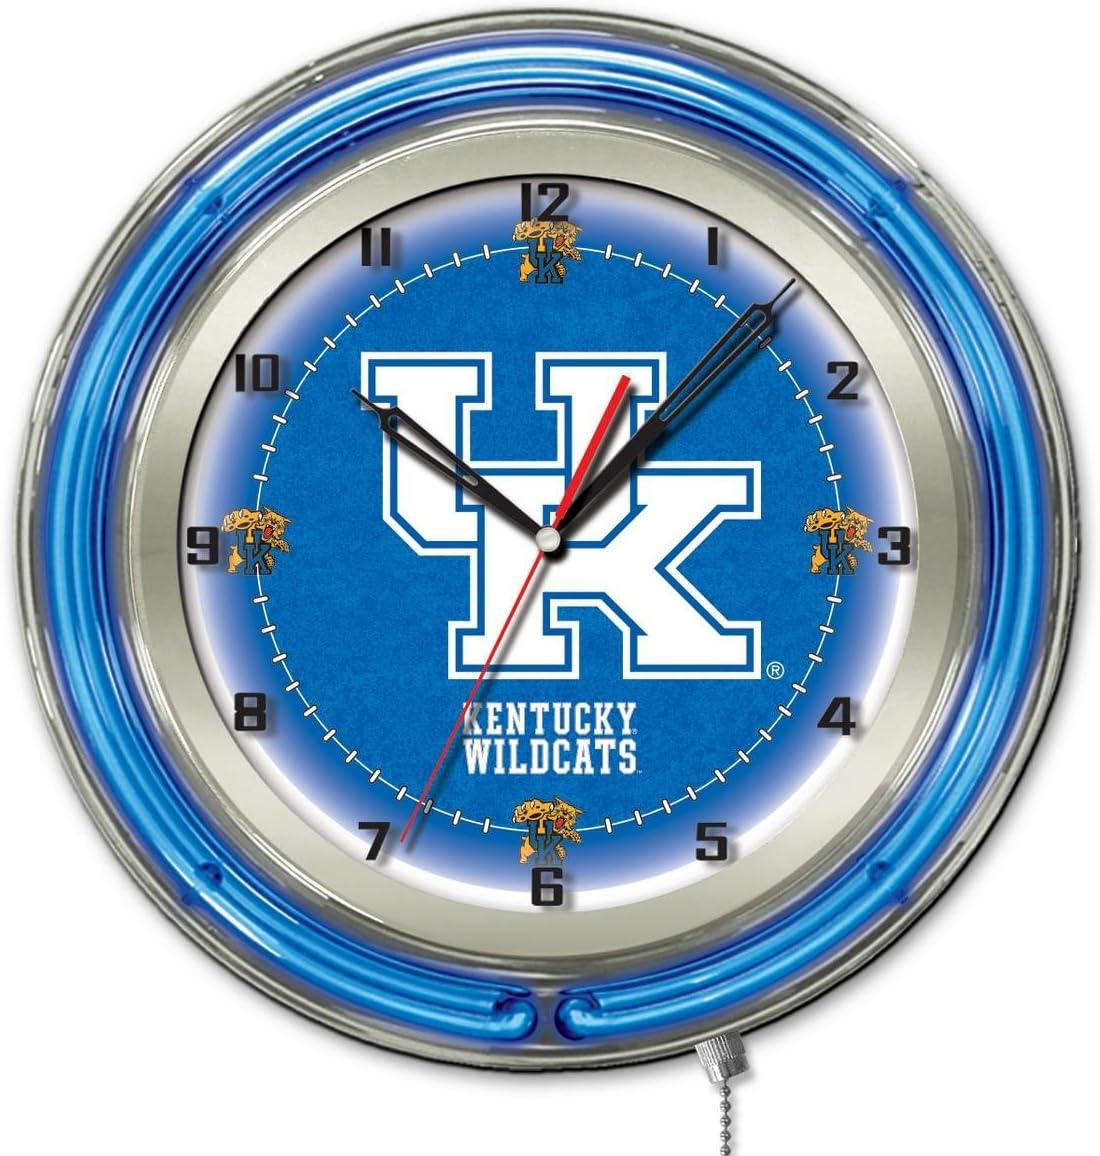 Kentucky Wildcats HBS Neon Blue College Powered OFFicial store UK Wall Battery depot